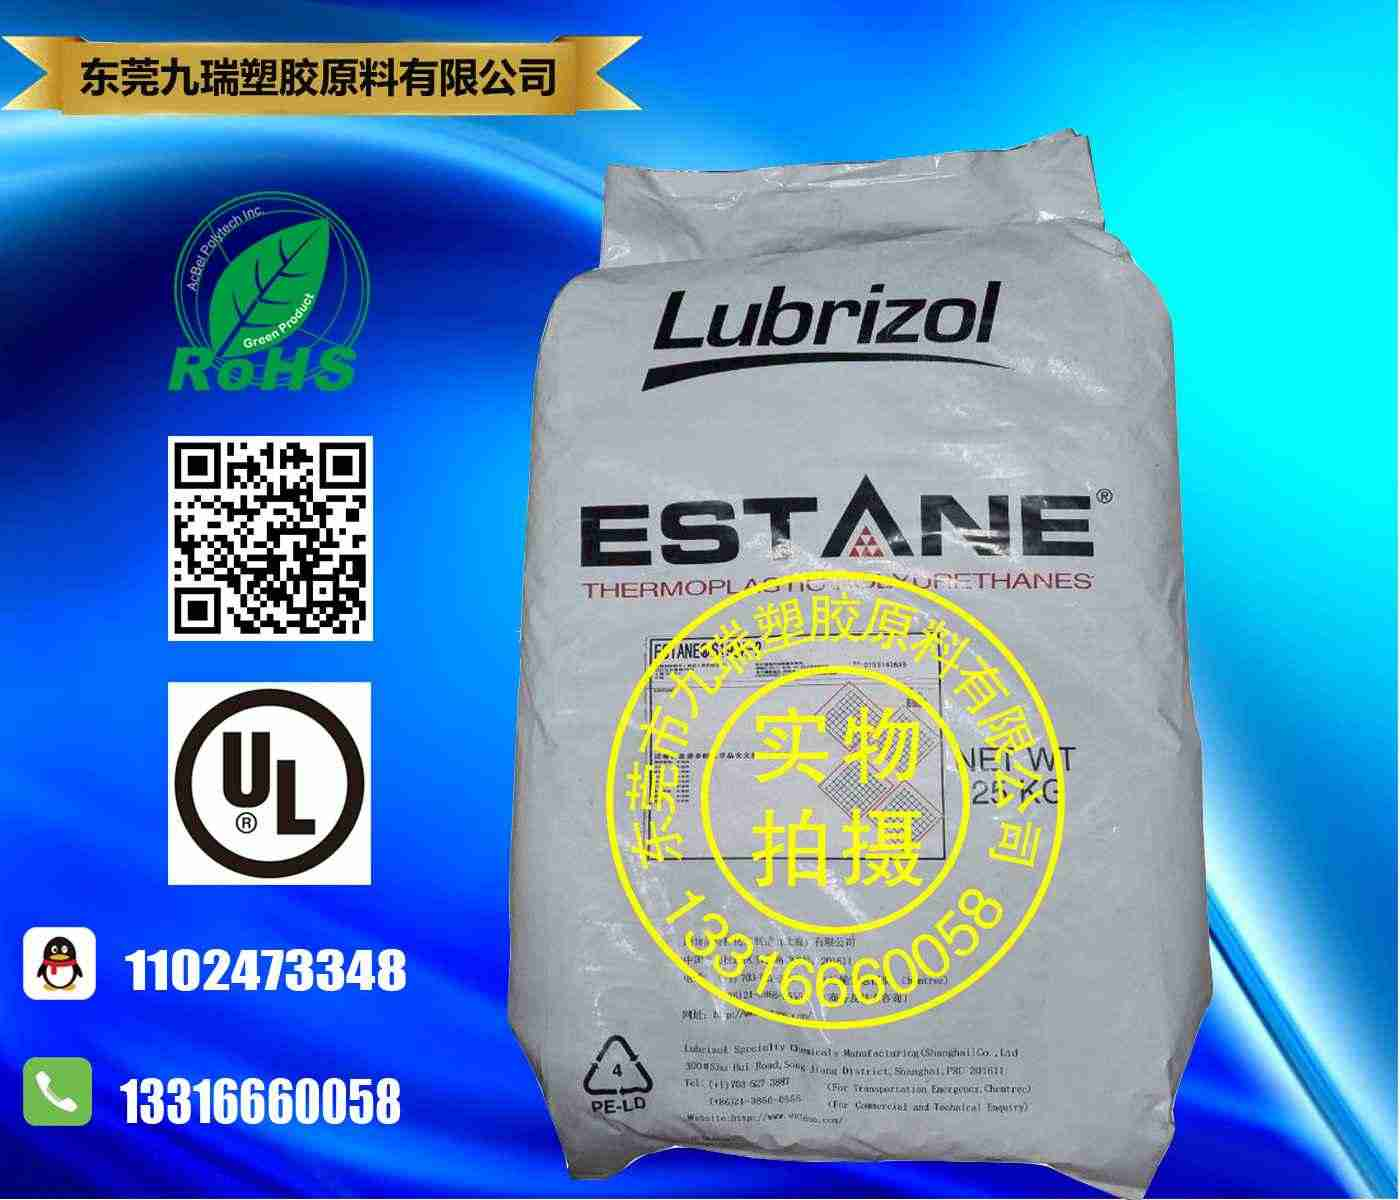 路博润溶剂型热转印涂布TPU 5708